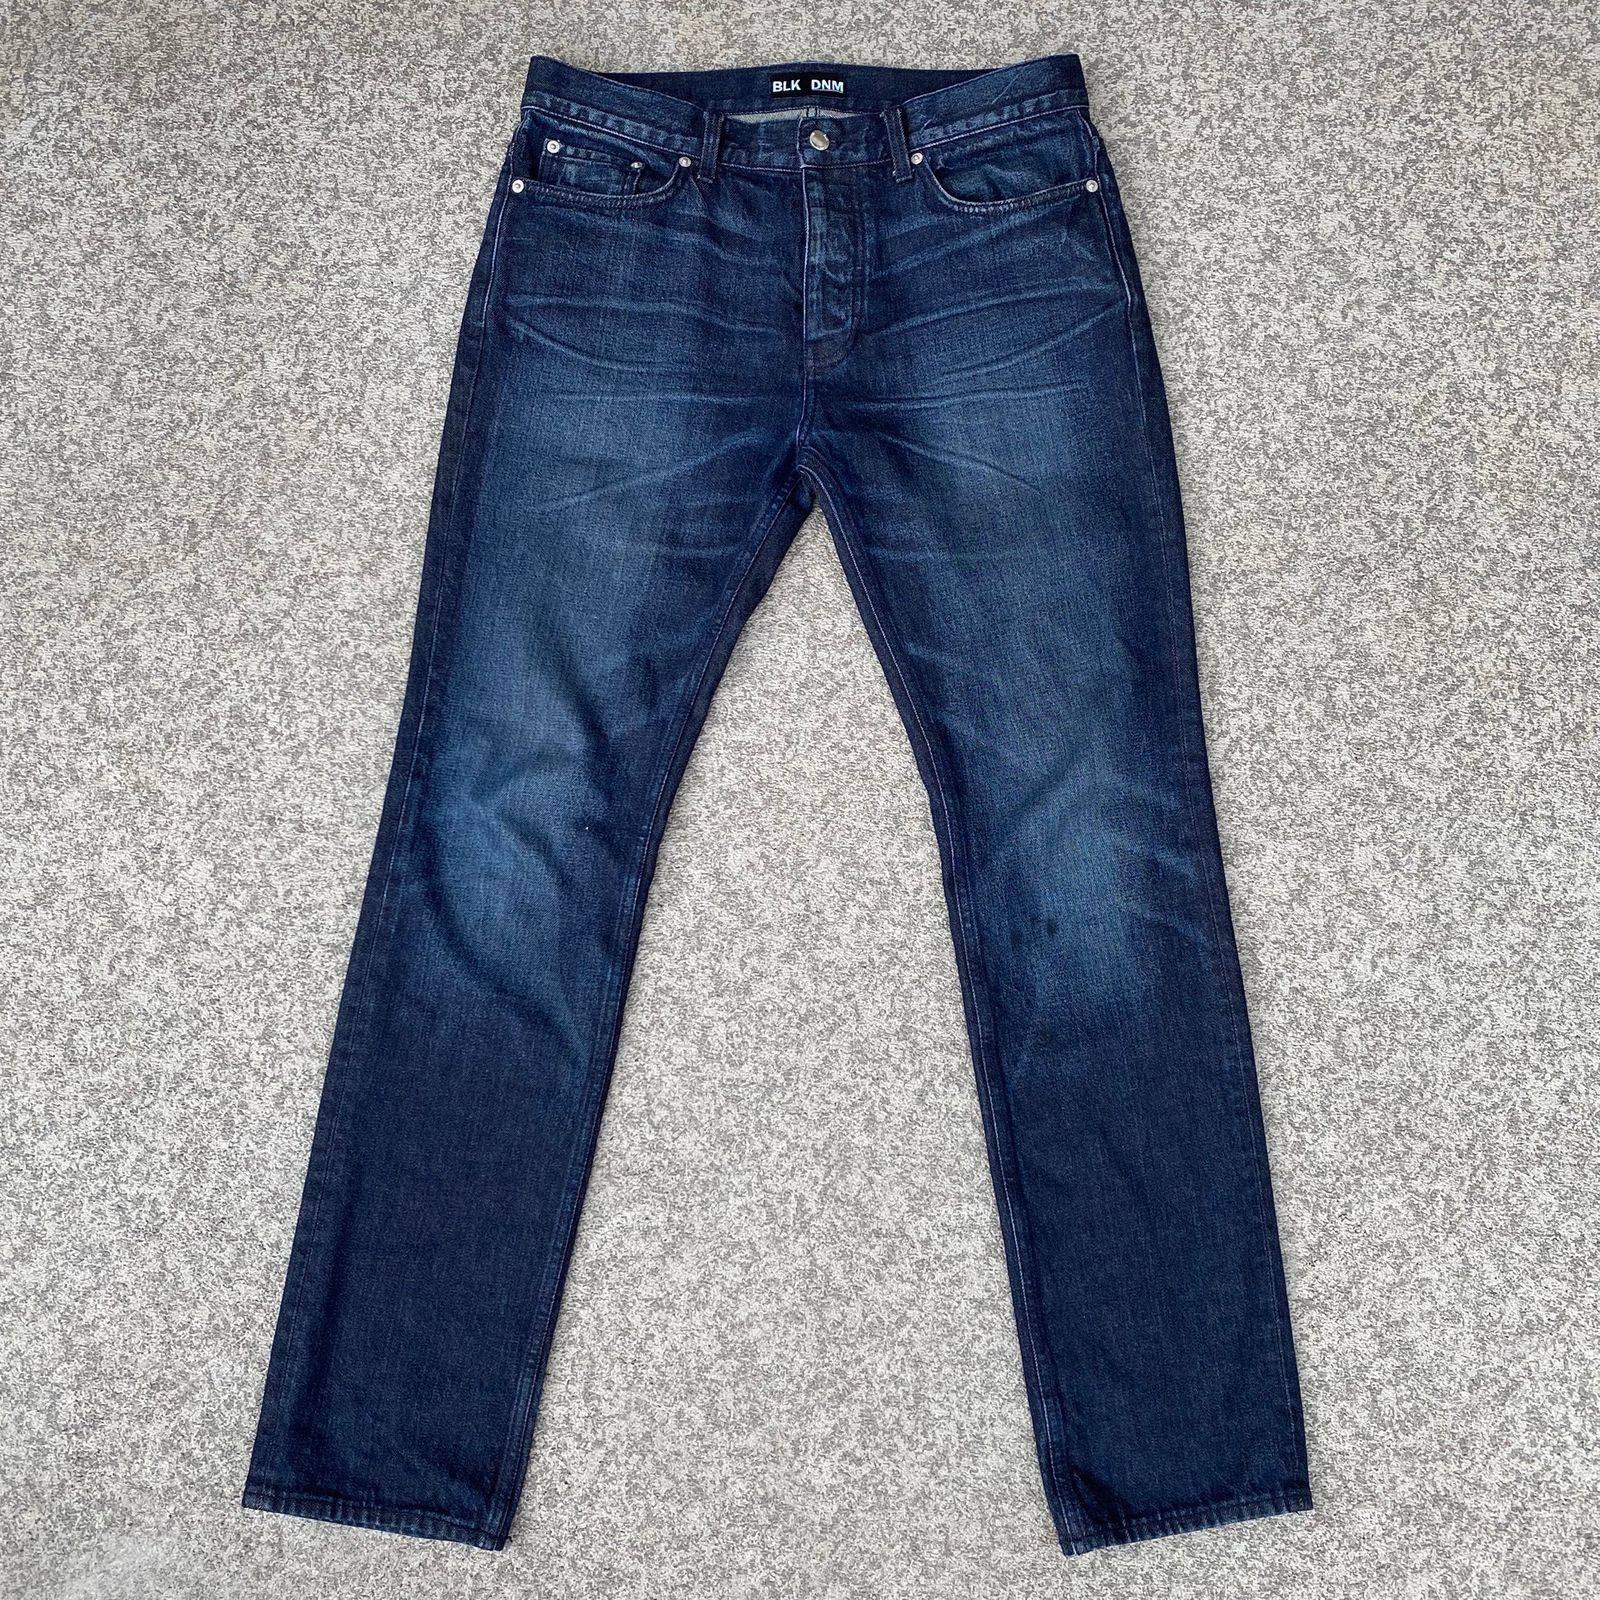 Blk Dnm Jeans 15 Alpha Blue Denim